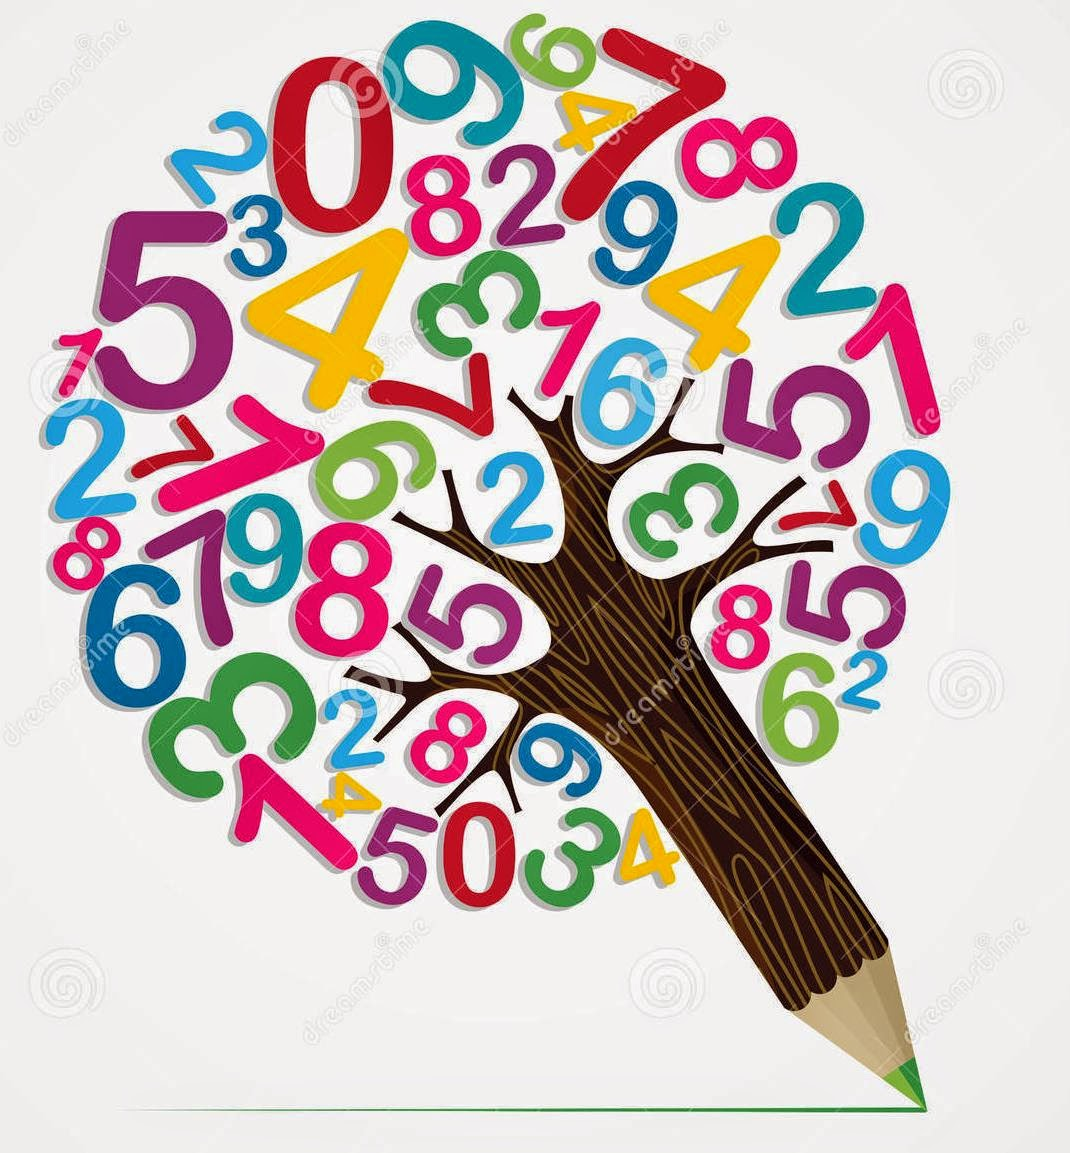 matematique